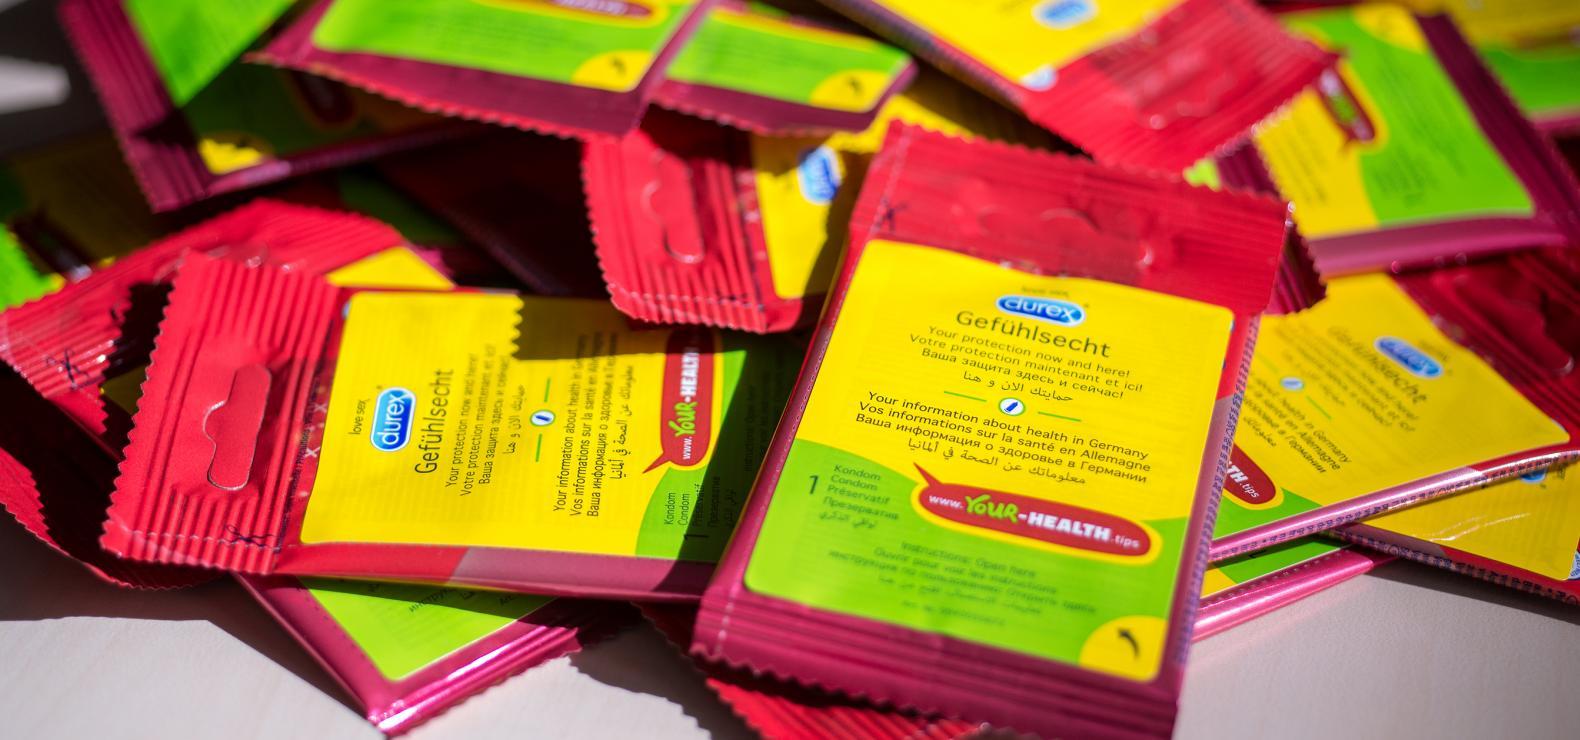 Kondome mit Hinweis auf die Website your-health.tips